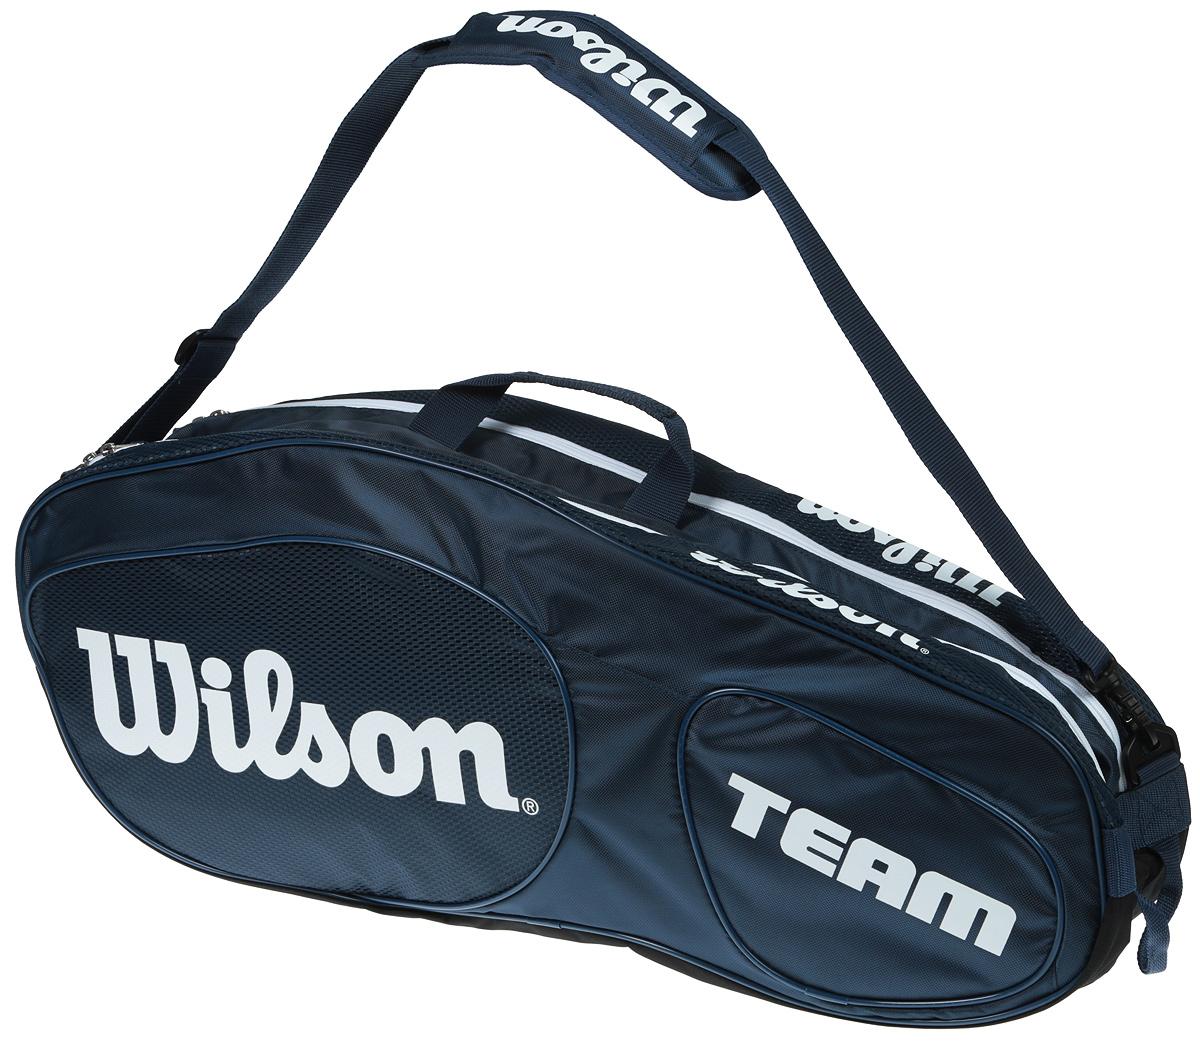 Сумка для теннисных ракеток Wilson Team Iii 6 Pack BlwhWRZ850806Созданная специально по шаблону классической коллекции Tour Collection,сумка Team II вмещает до 6 ракеток и обеспечивает дополнительное место хранения с 1 большим и просторным карманом под аксессуары.